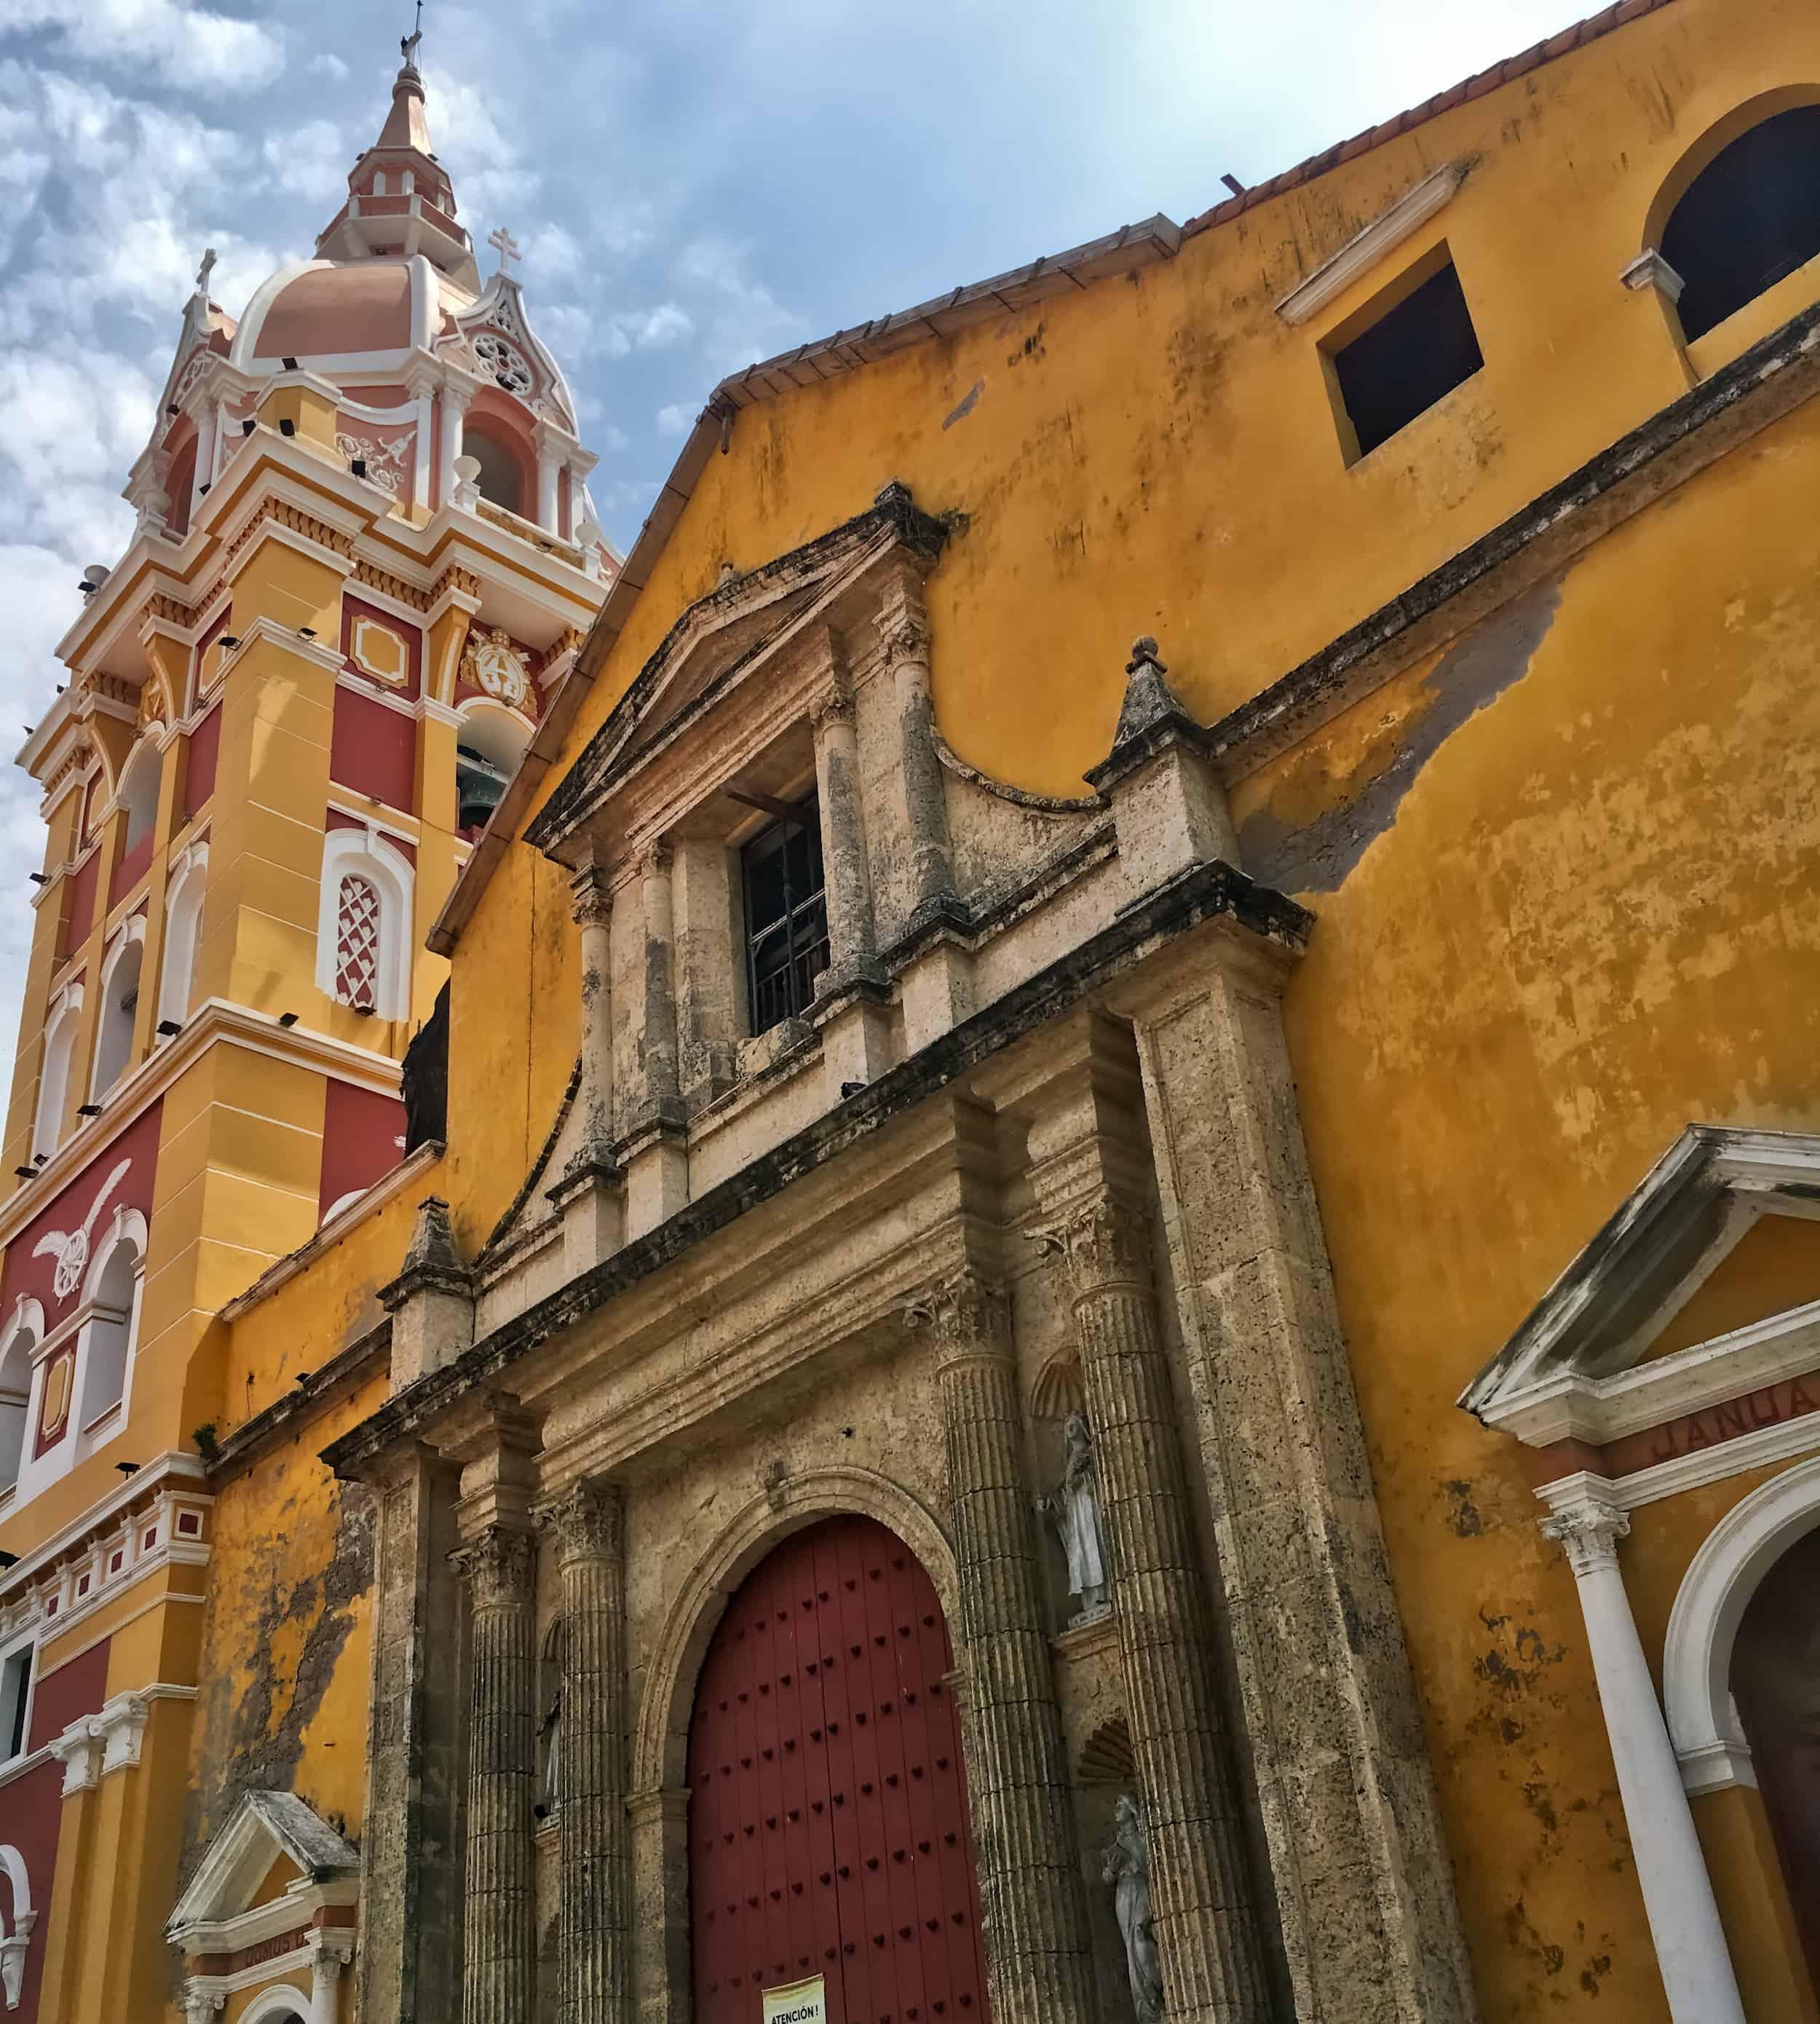 Exploring Old Town Cartagena